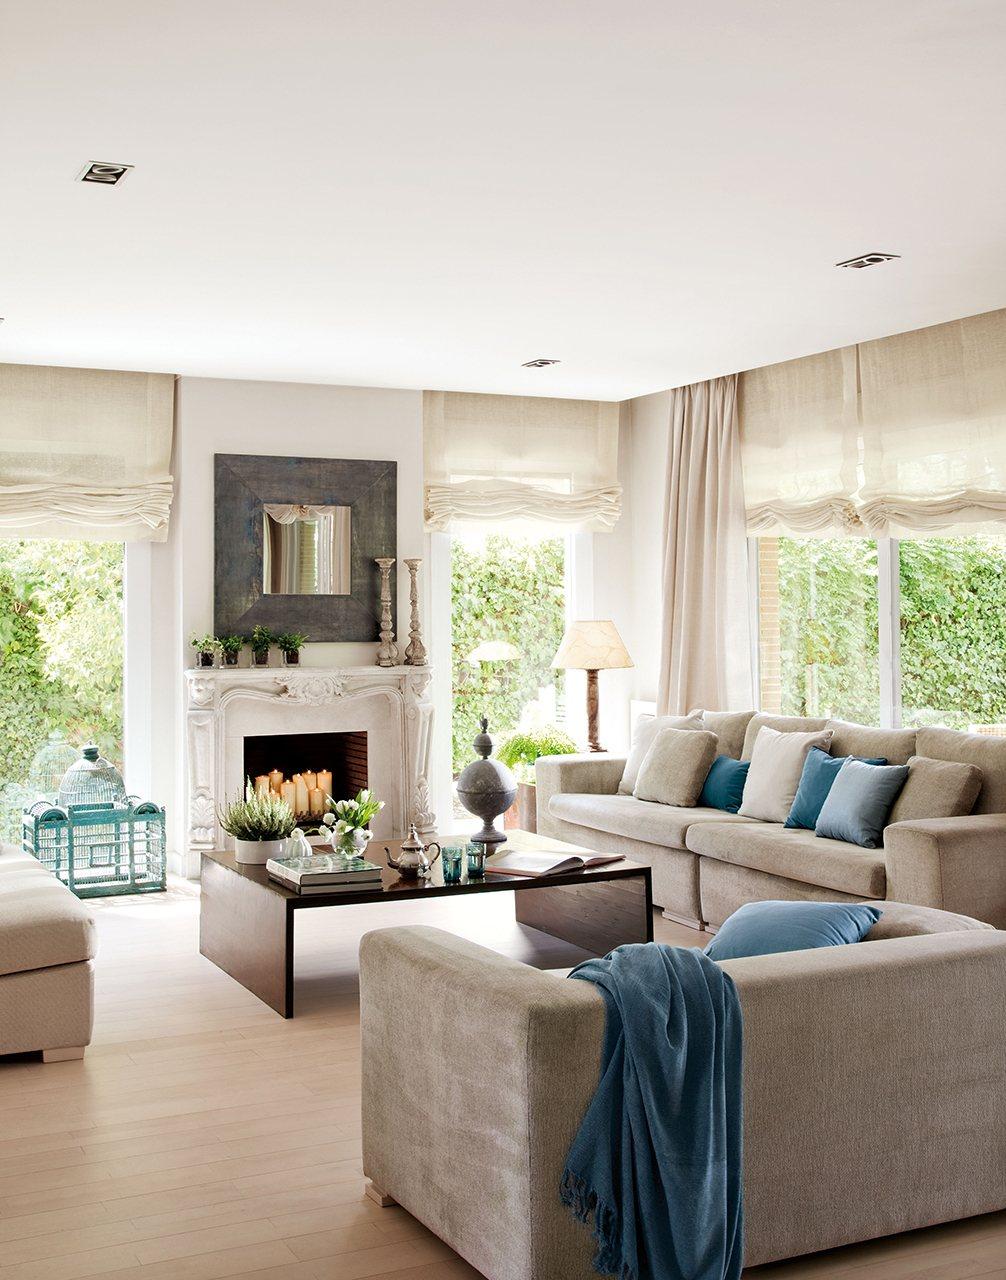 20 salones para inspirarte - Decoracion de suelos interiores ...